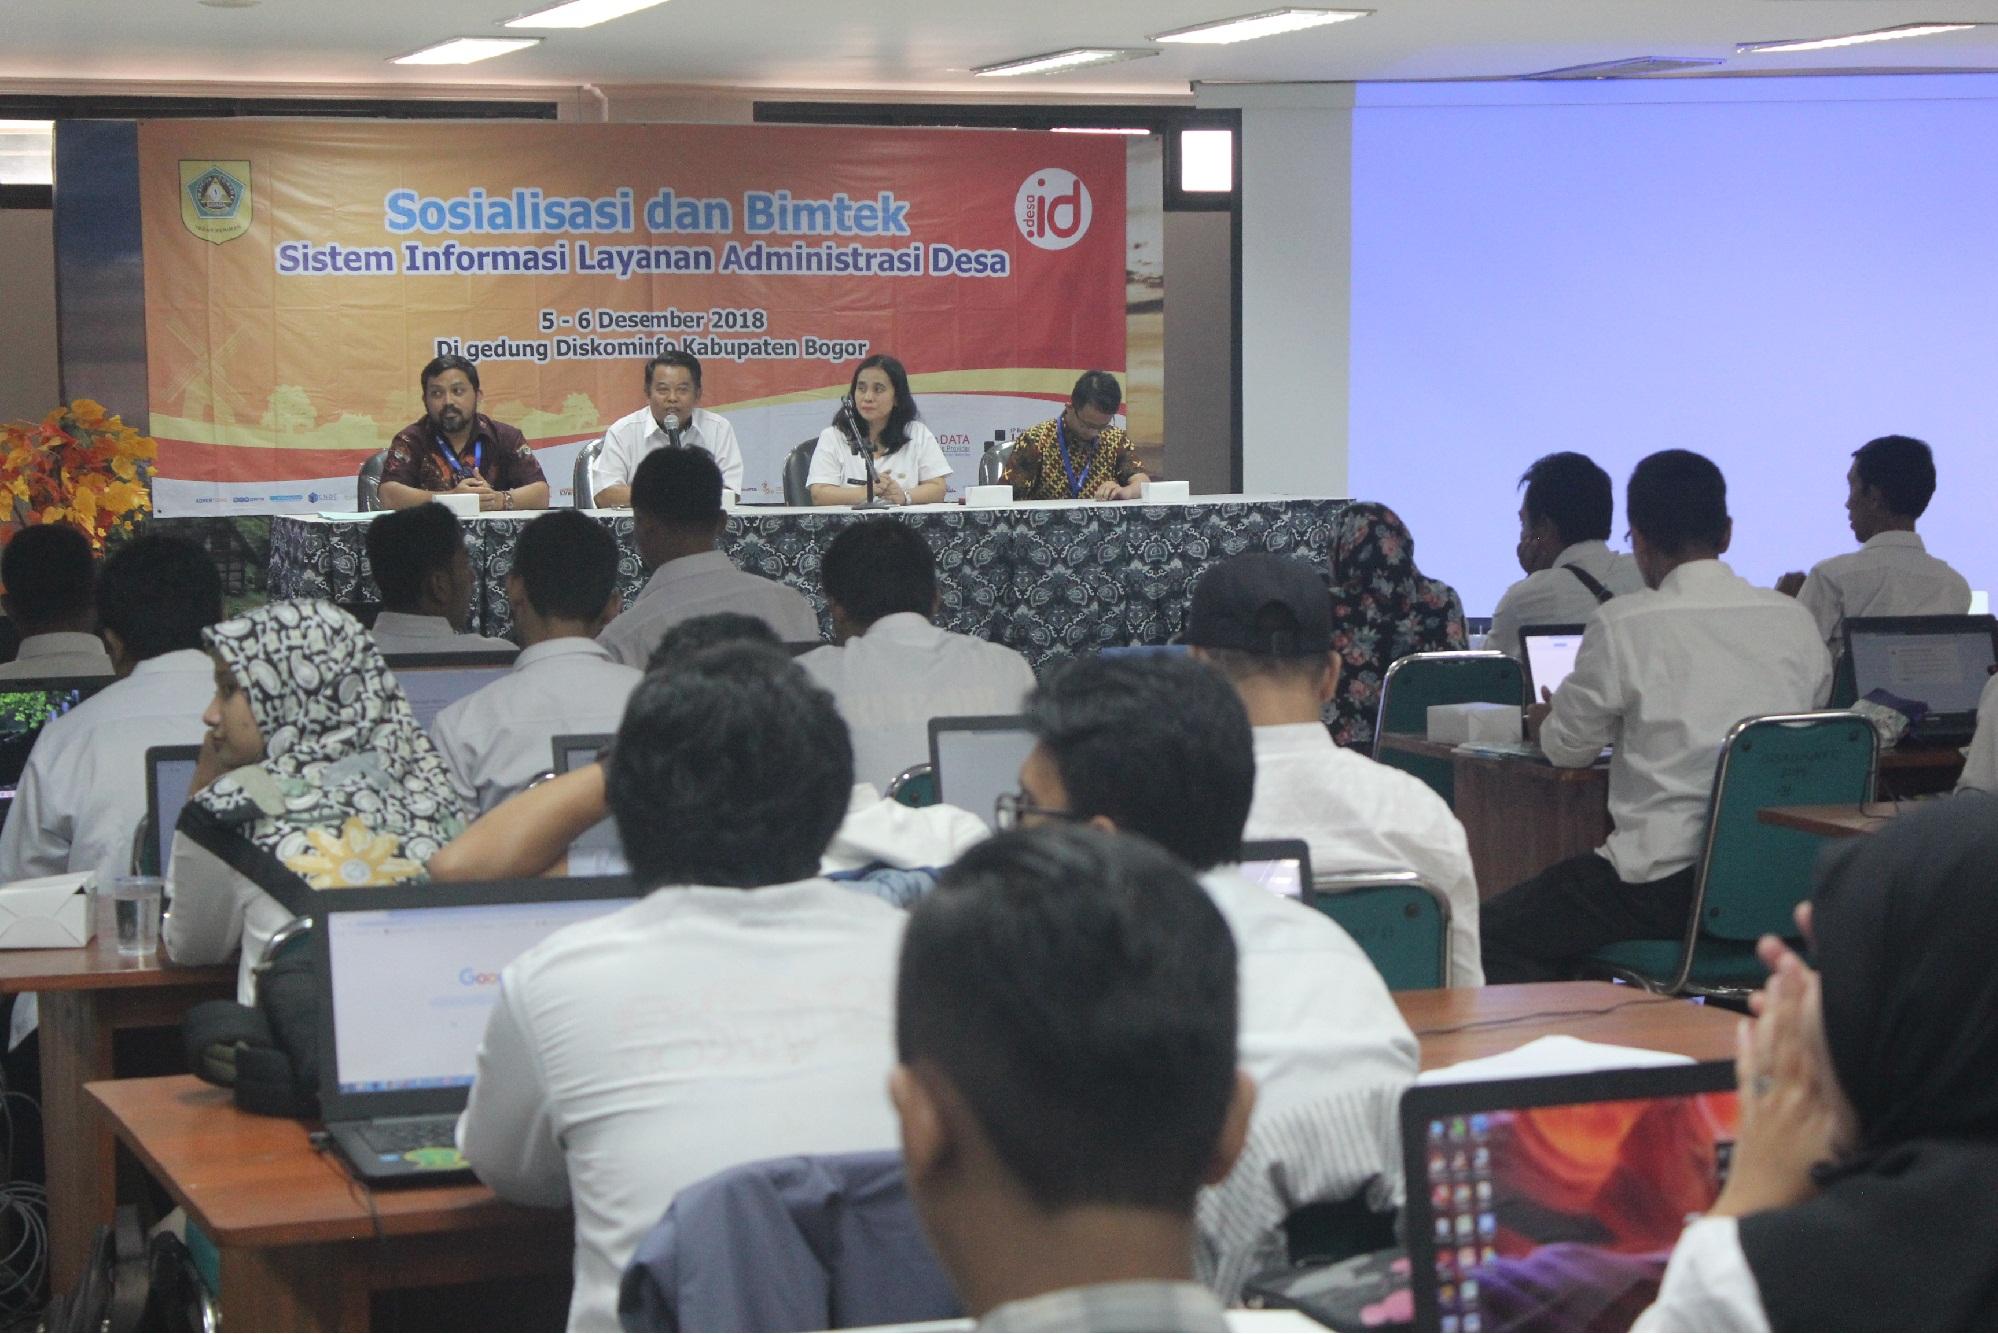 Diskominfo Kabupaten Bogor Gelar Sosialisasi dan Bimtek Sistem Informasi Layanan Administrasi Desa